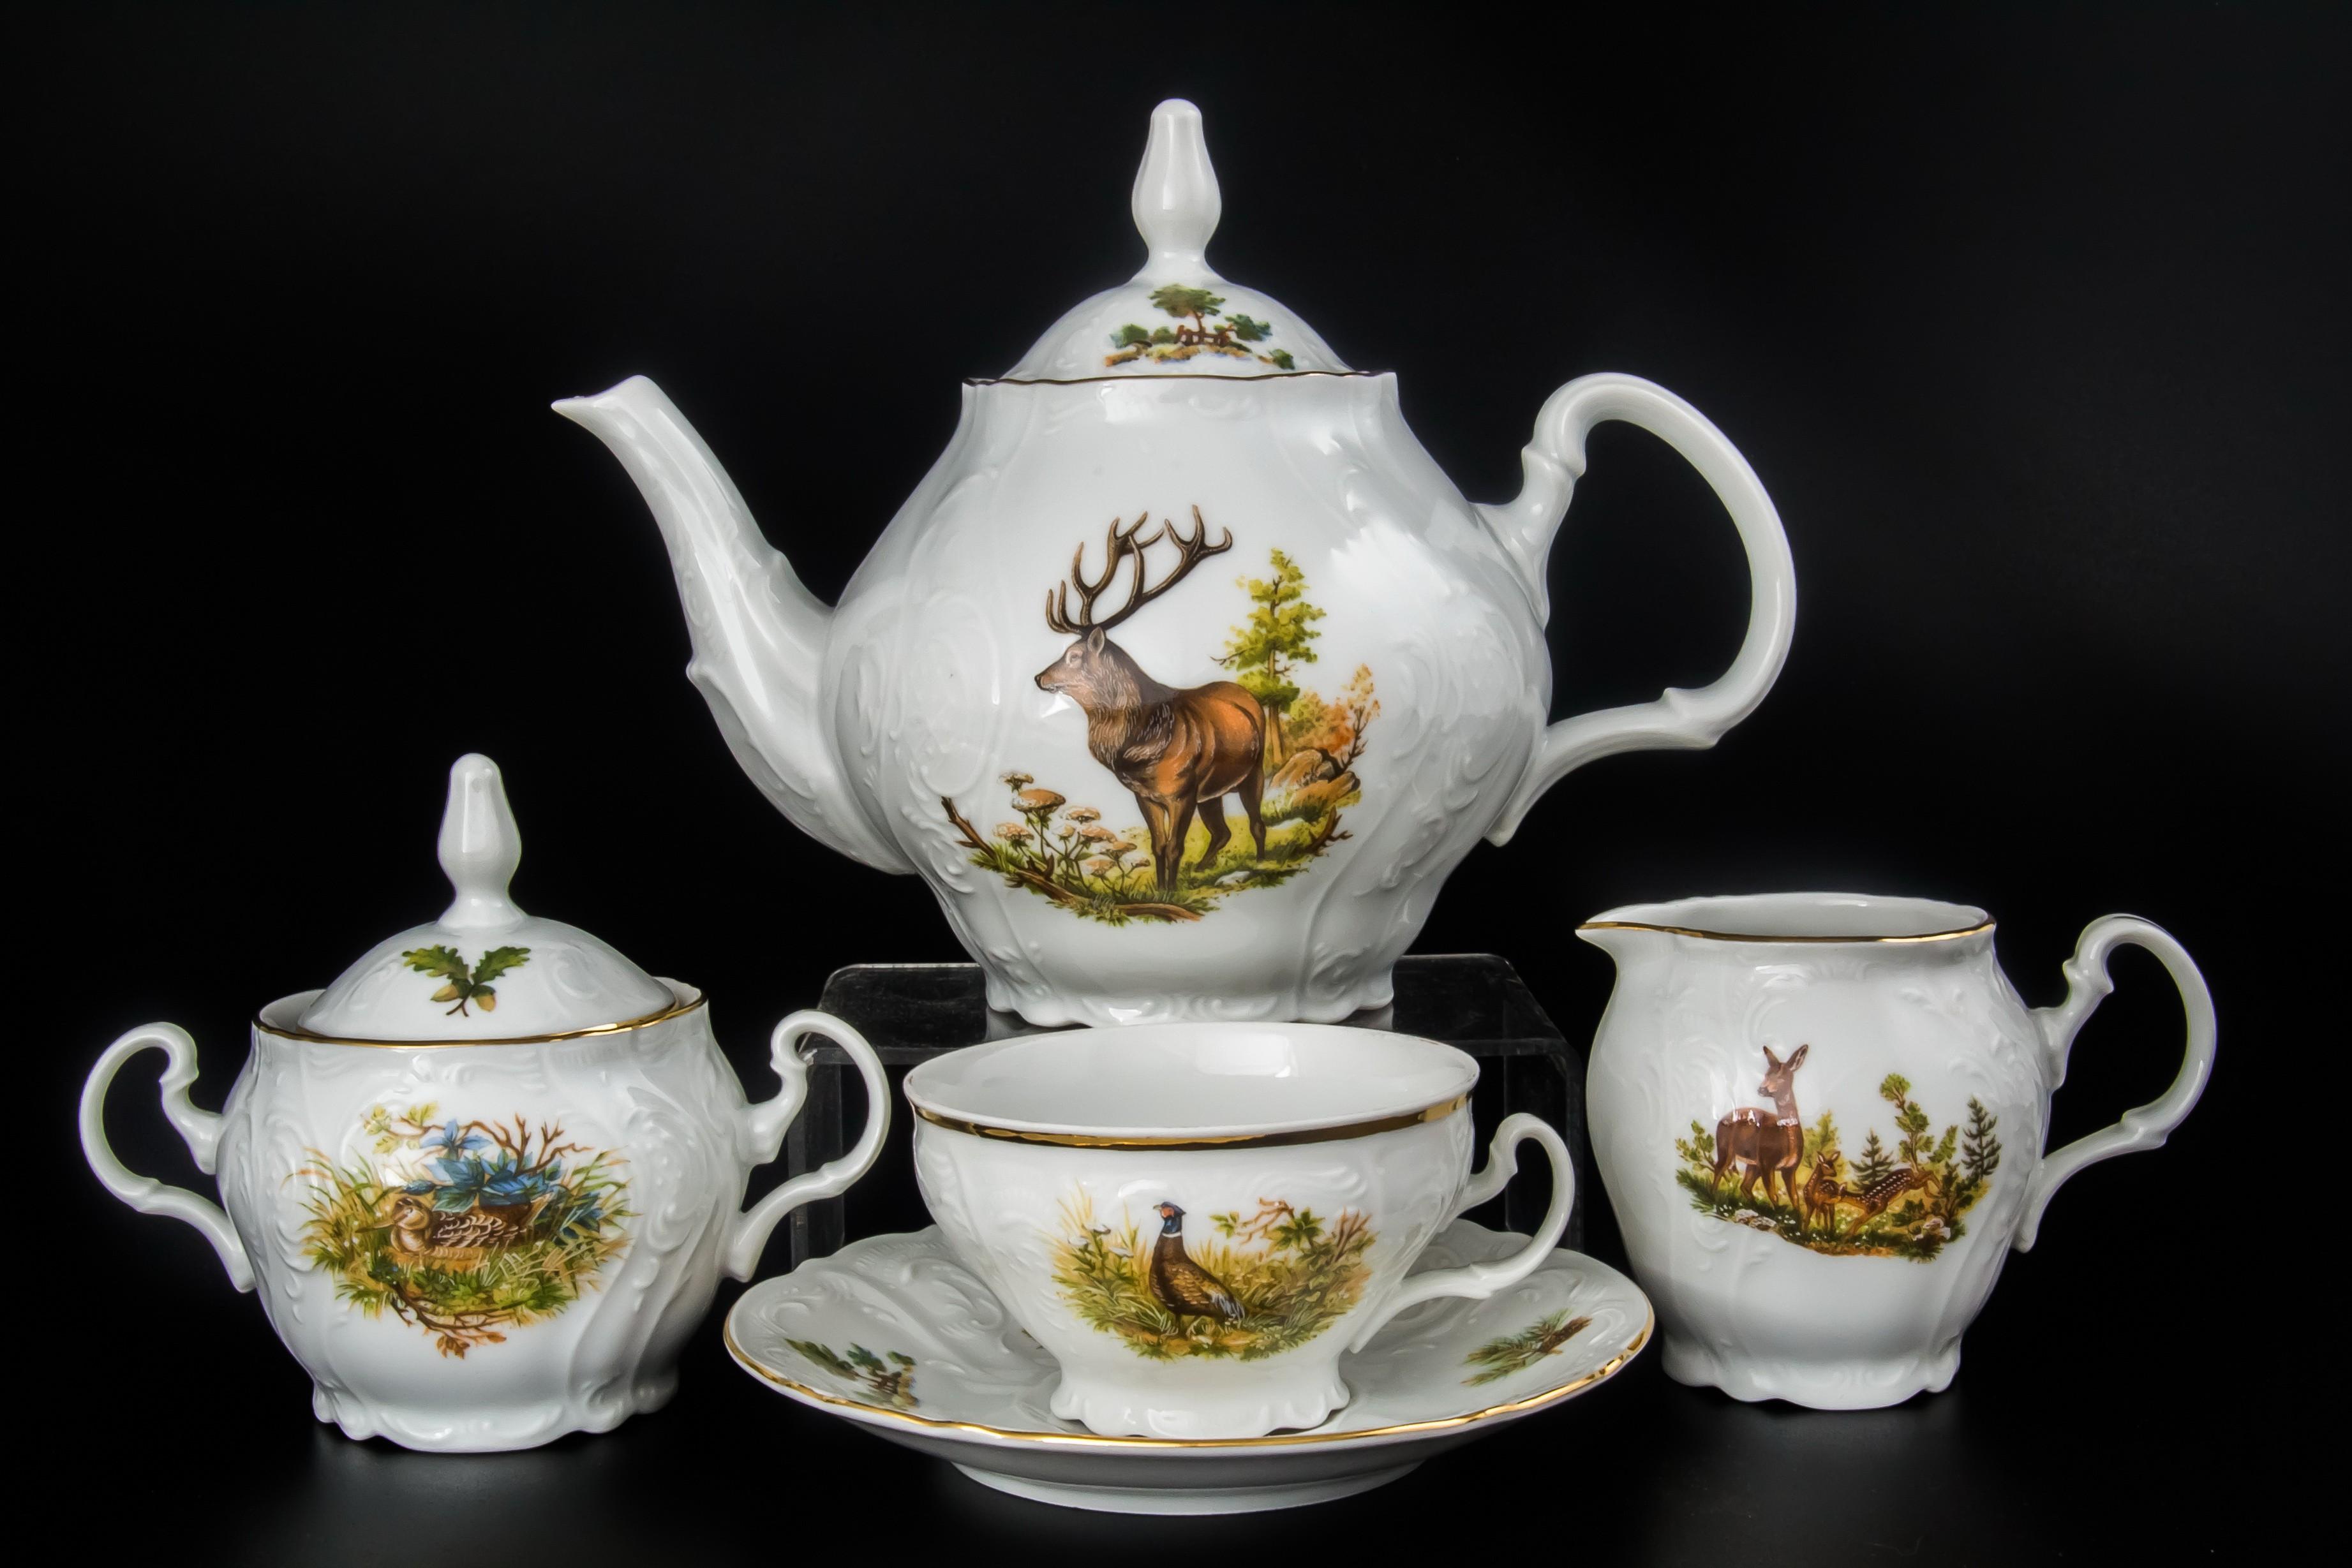 Чайный сервиз ОХОТА от Bernadotte на 6 персон, 17 предметов